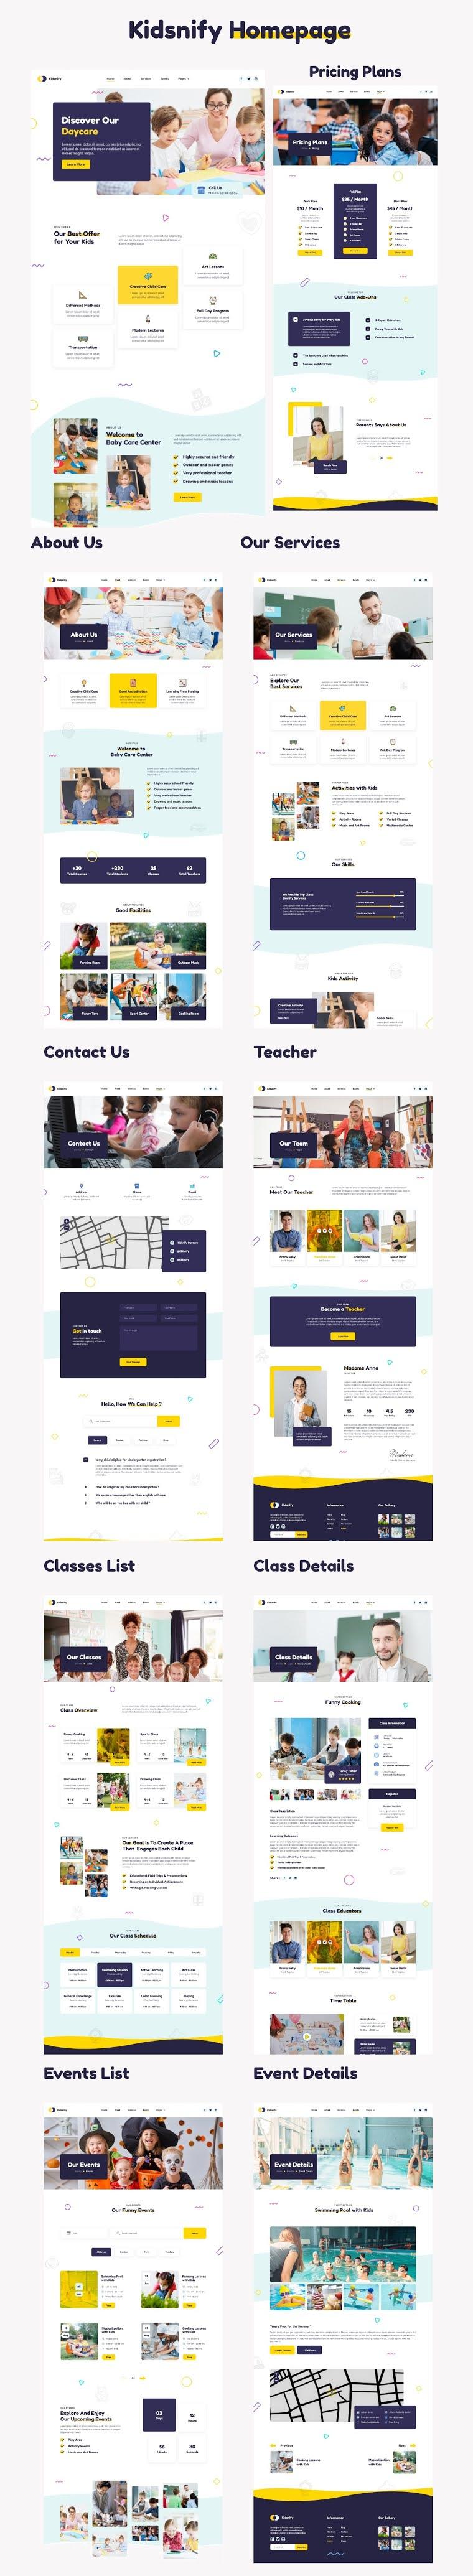 Daycare Adobe XD Template Kit